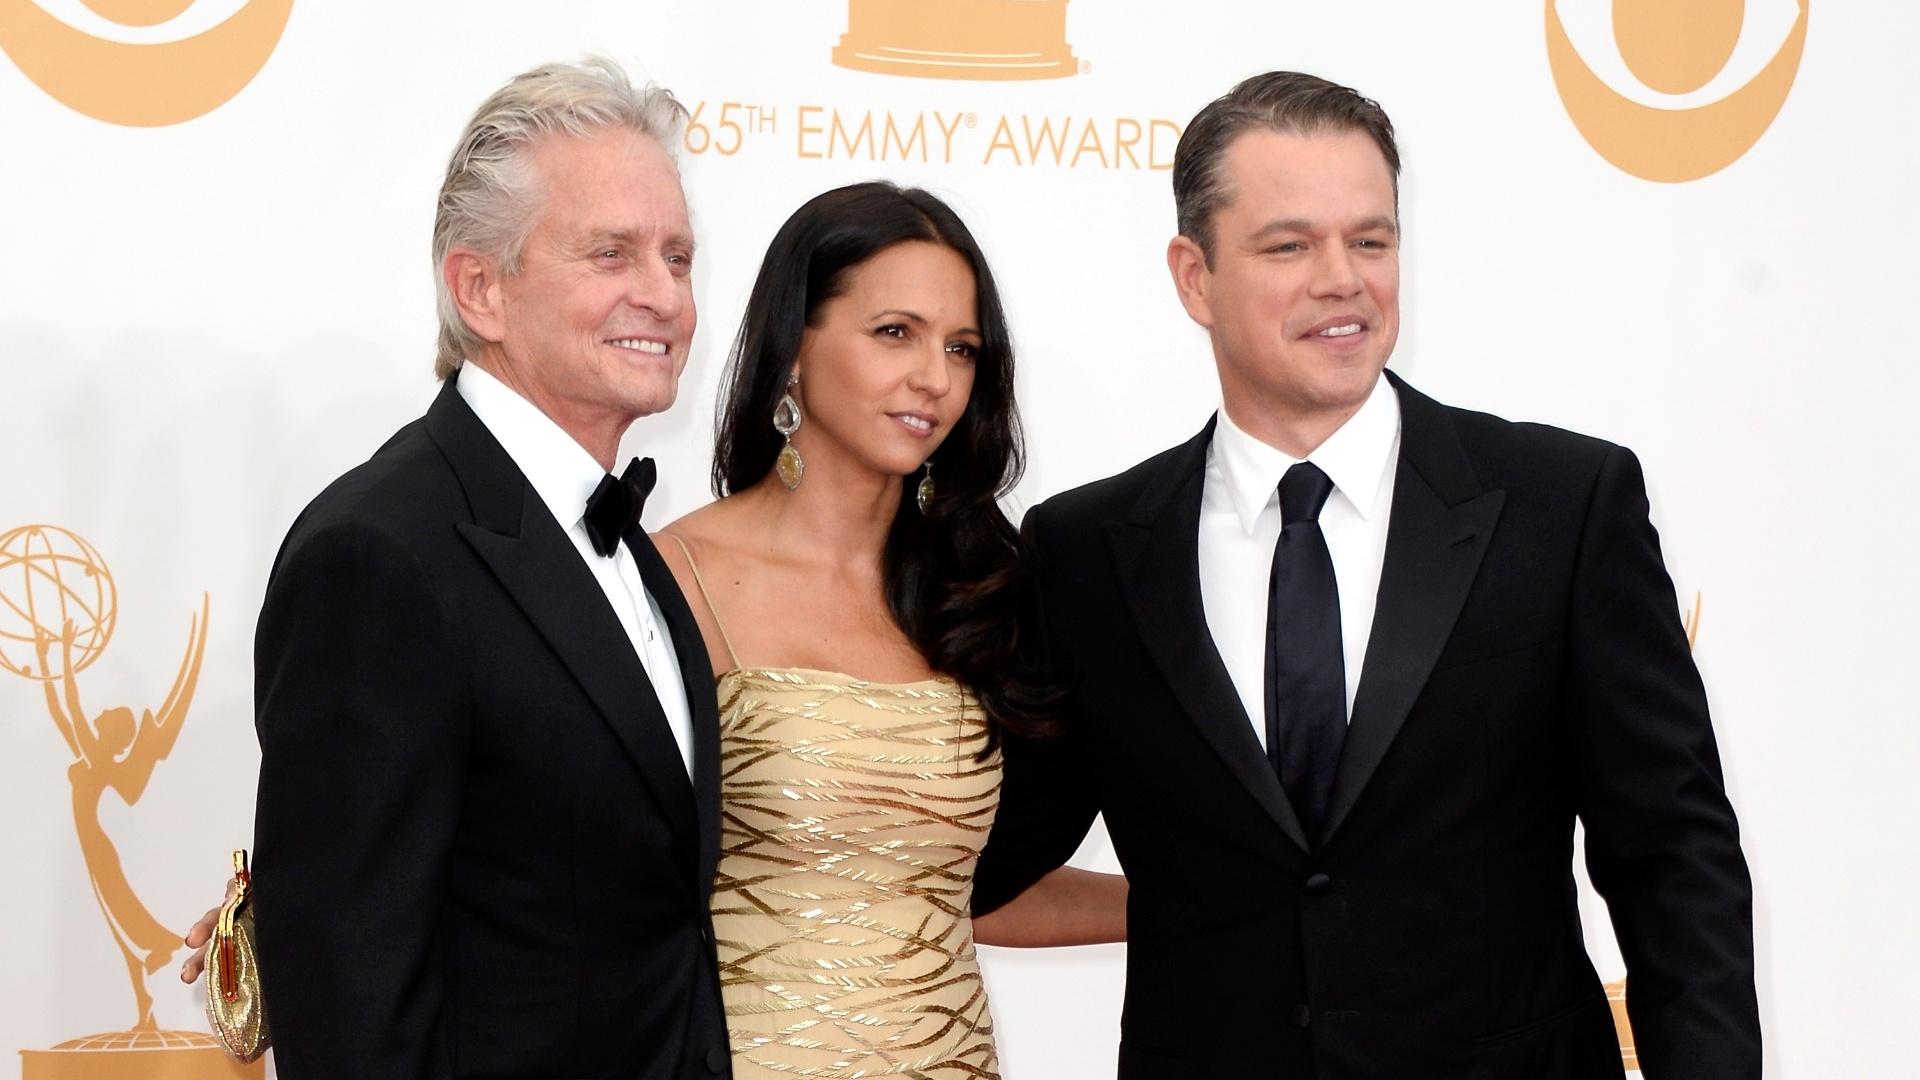 22.set.2013 - Michael Douglas posa com Matt Damon e a mulher dele, Luciana Barroso. Os dois atores disputam o prêmio de melhor ator em minissérie ou telefilme por